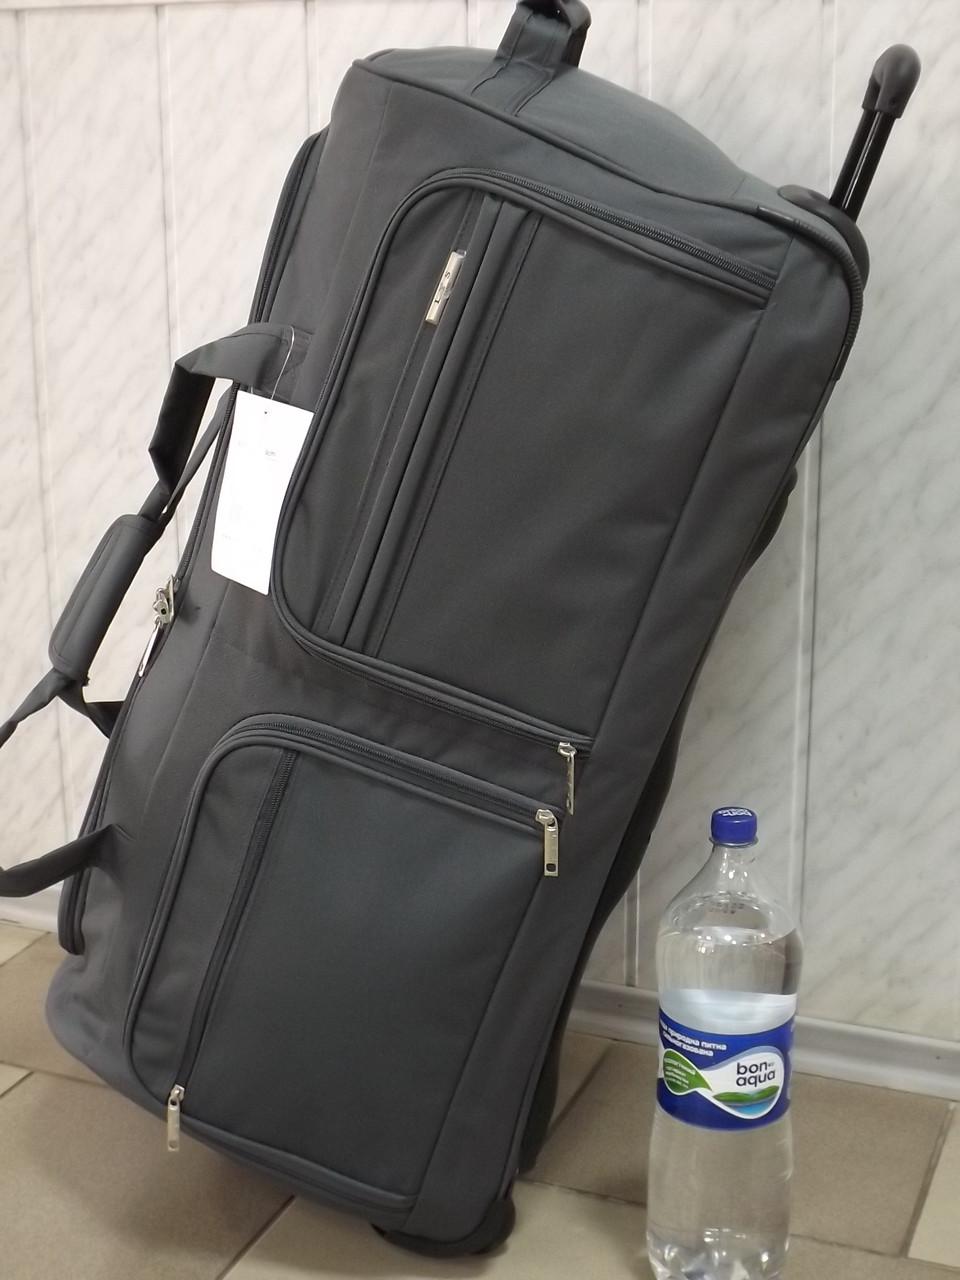 ca1cd8b7fb37 Большая дорожная сумка на колесах Lys 8430 Франция серая 110 литров -  интернет-магазин